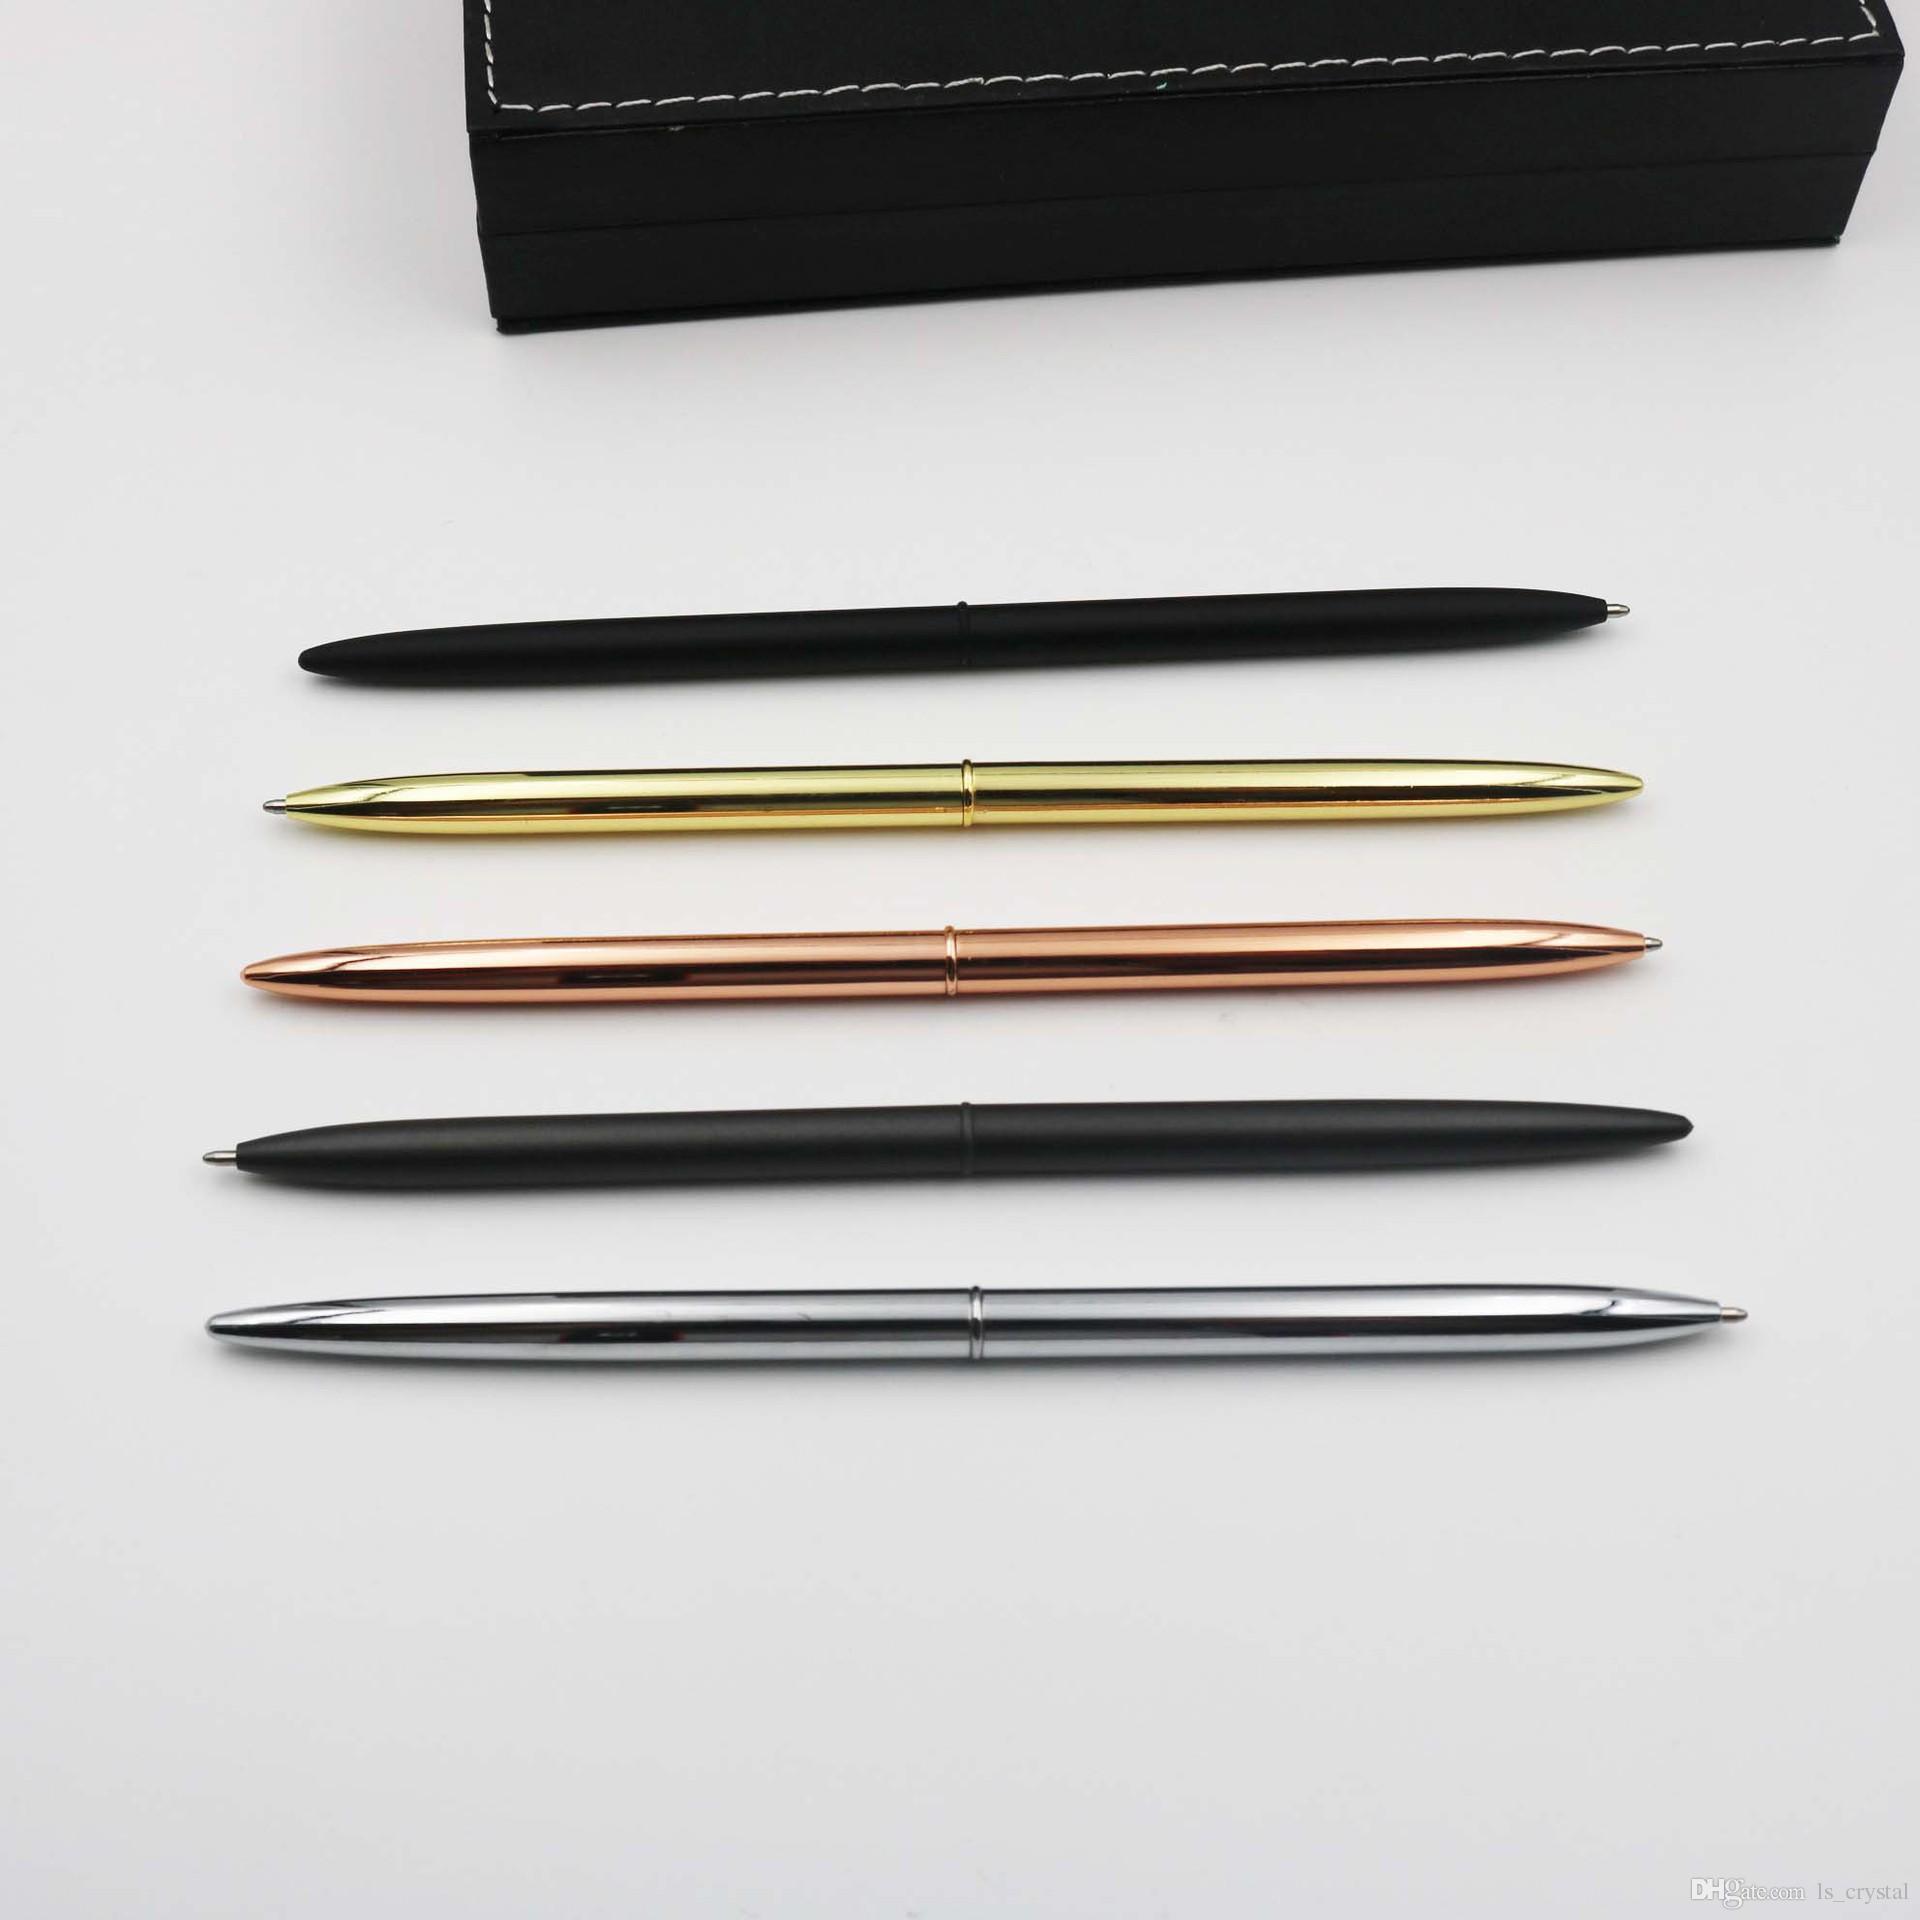 معدن قلم حبر أسود حبر سليم الكرة القلم فندق بنك القلم للأعمال الكتابة مكتب اللوازم المدرسية WJ020